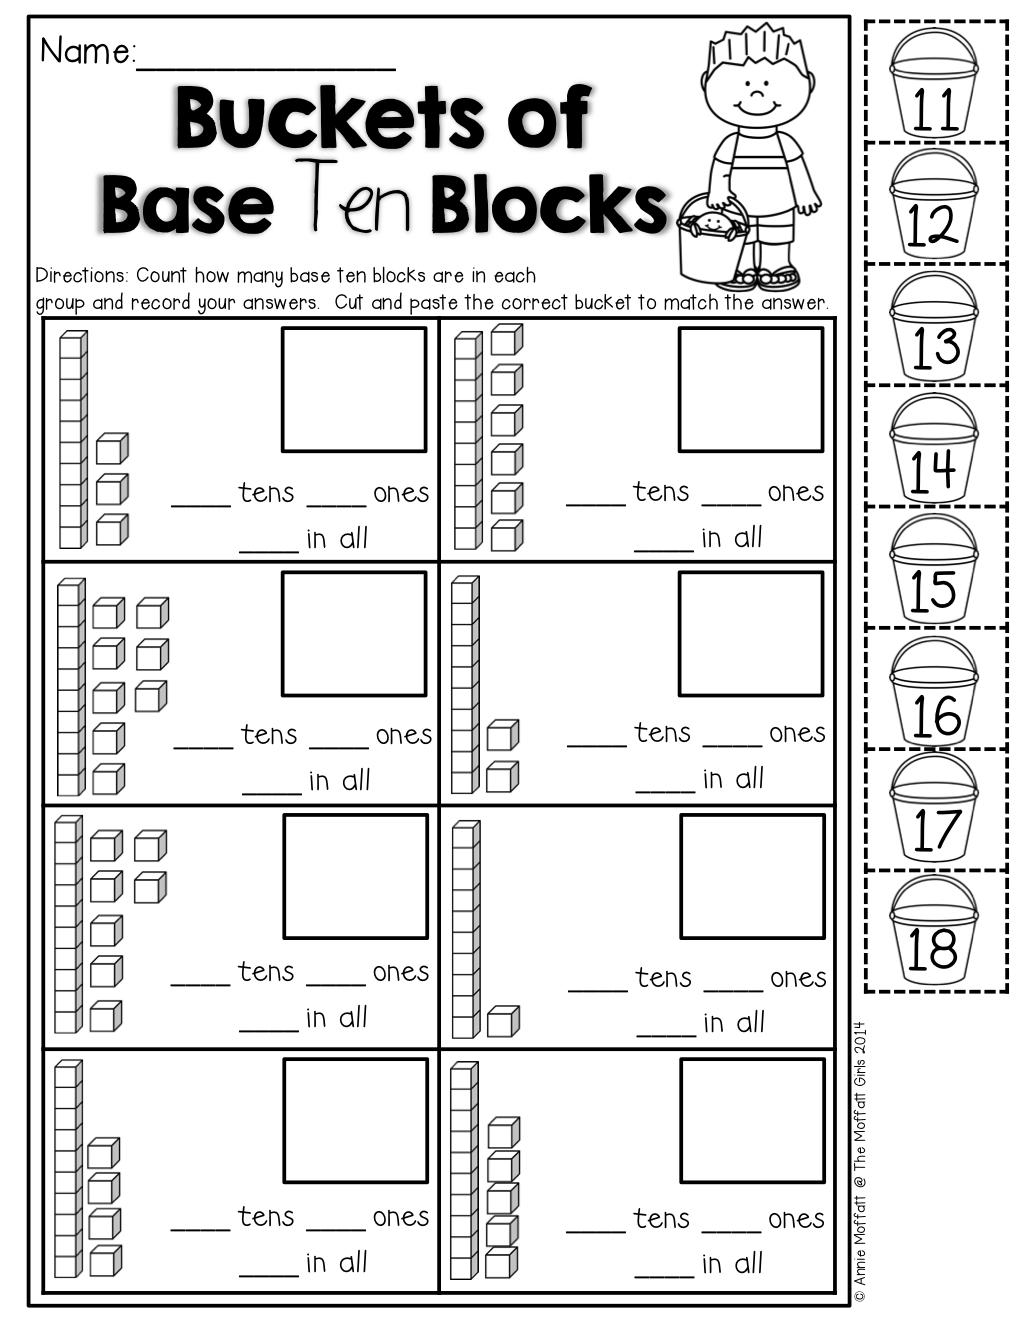 worksheet. Base Ten Blocks Worksheet. Worksheet Fun ...